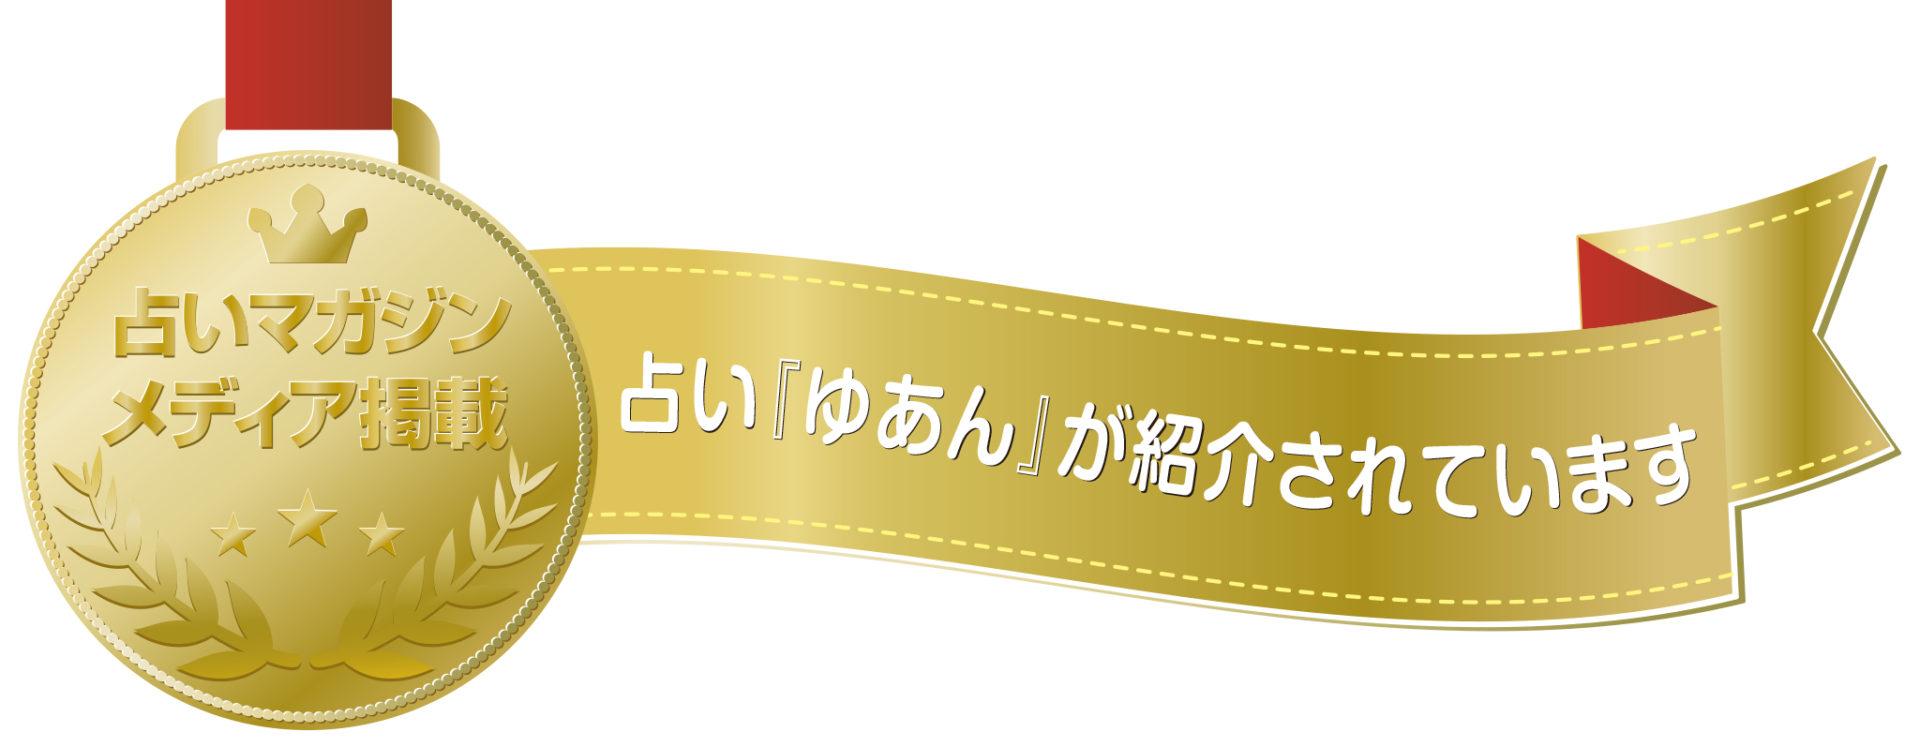 下北沢占いサロンゆあんが紹介されています